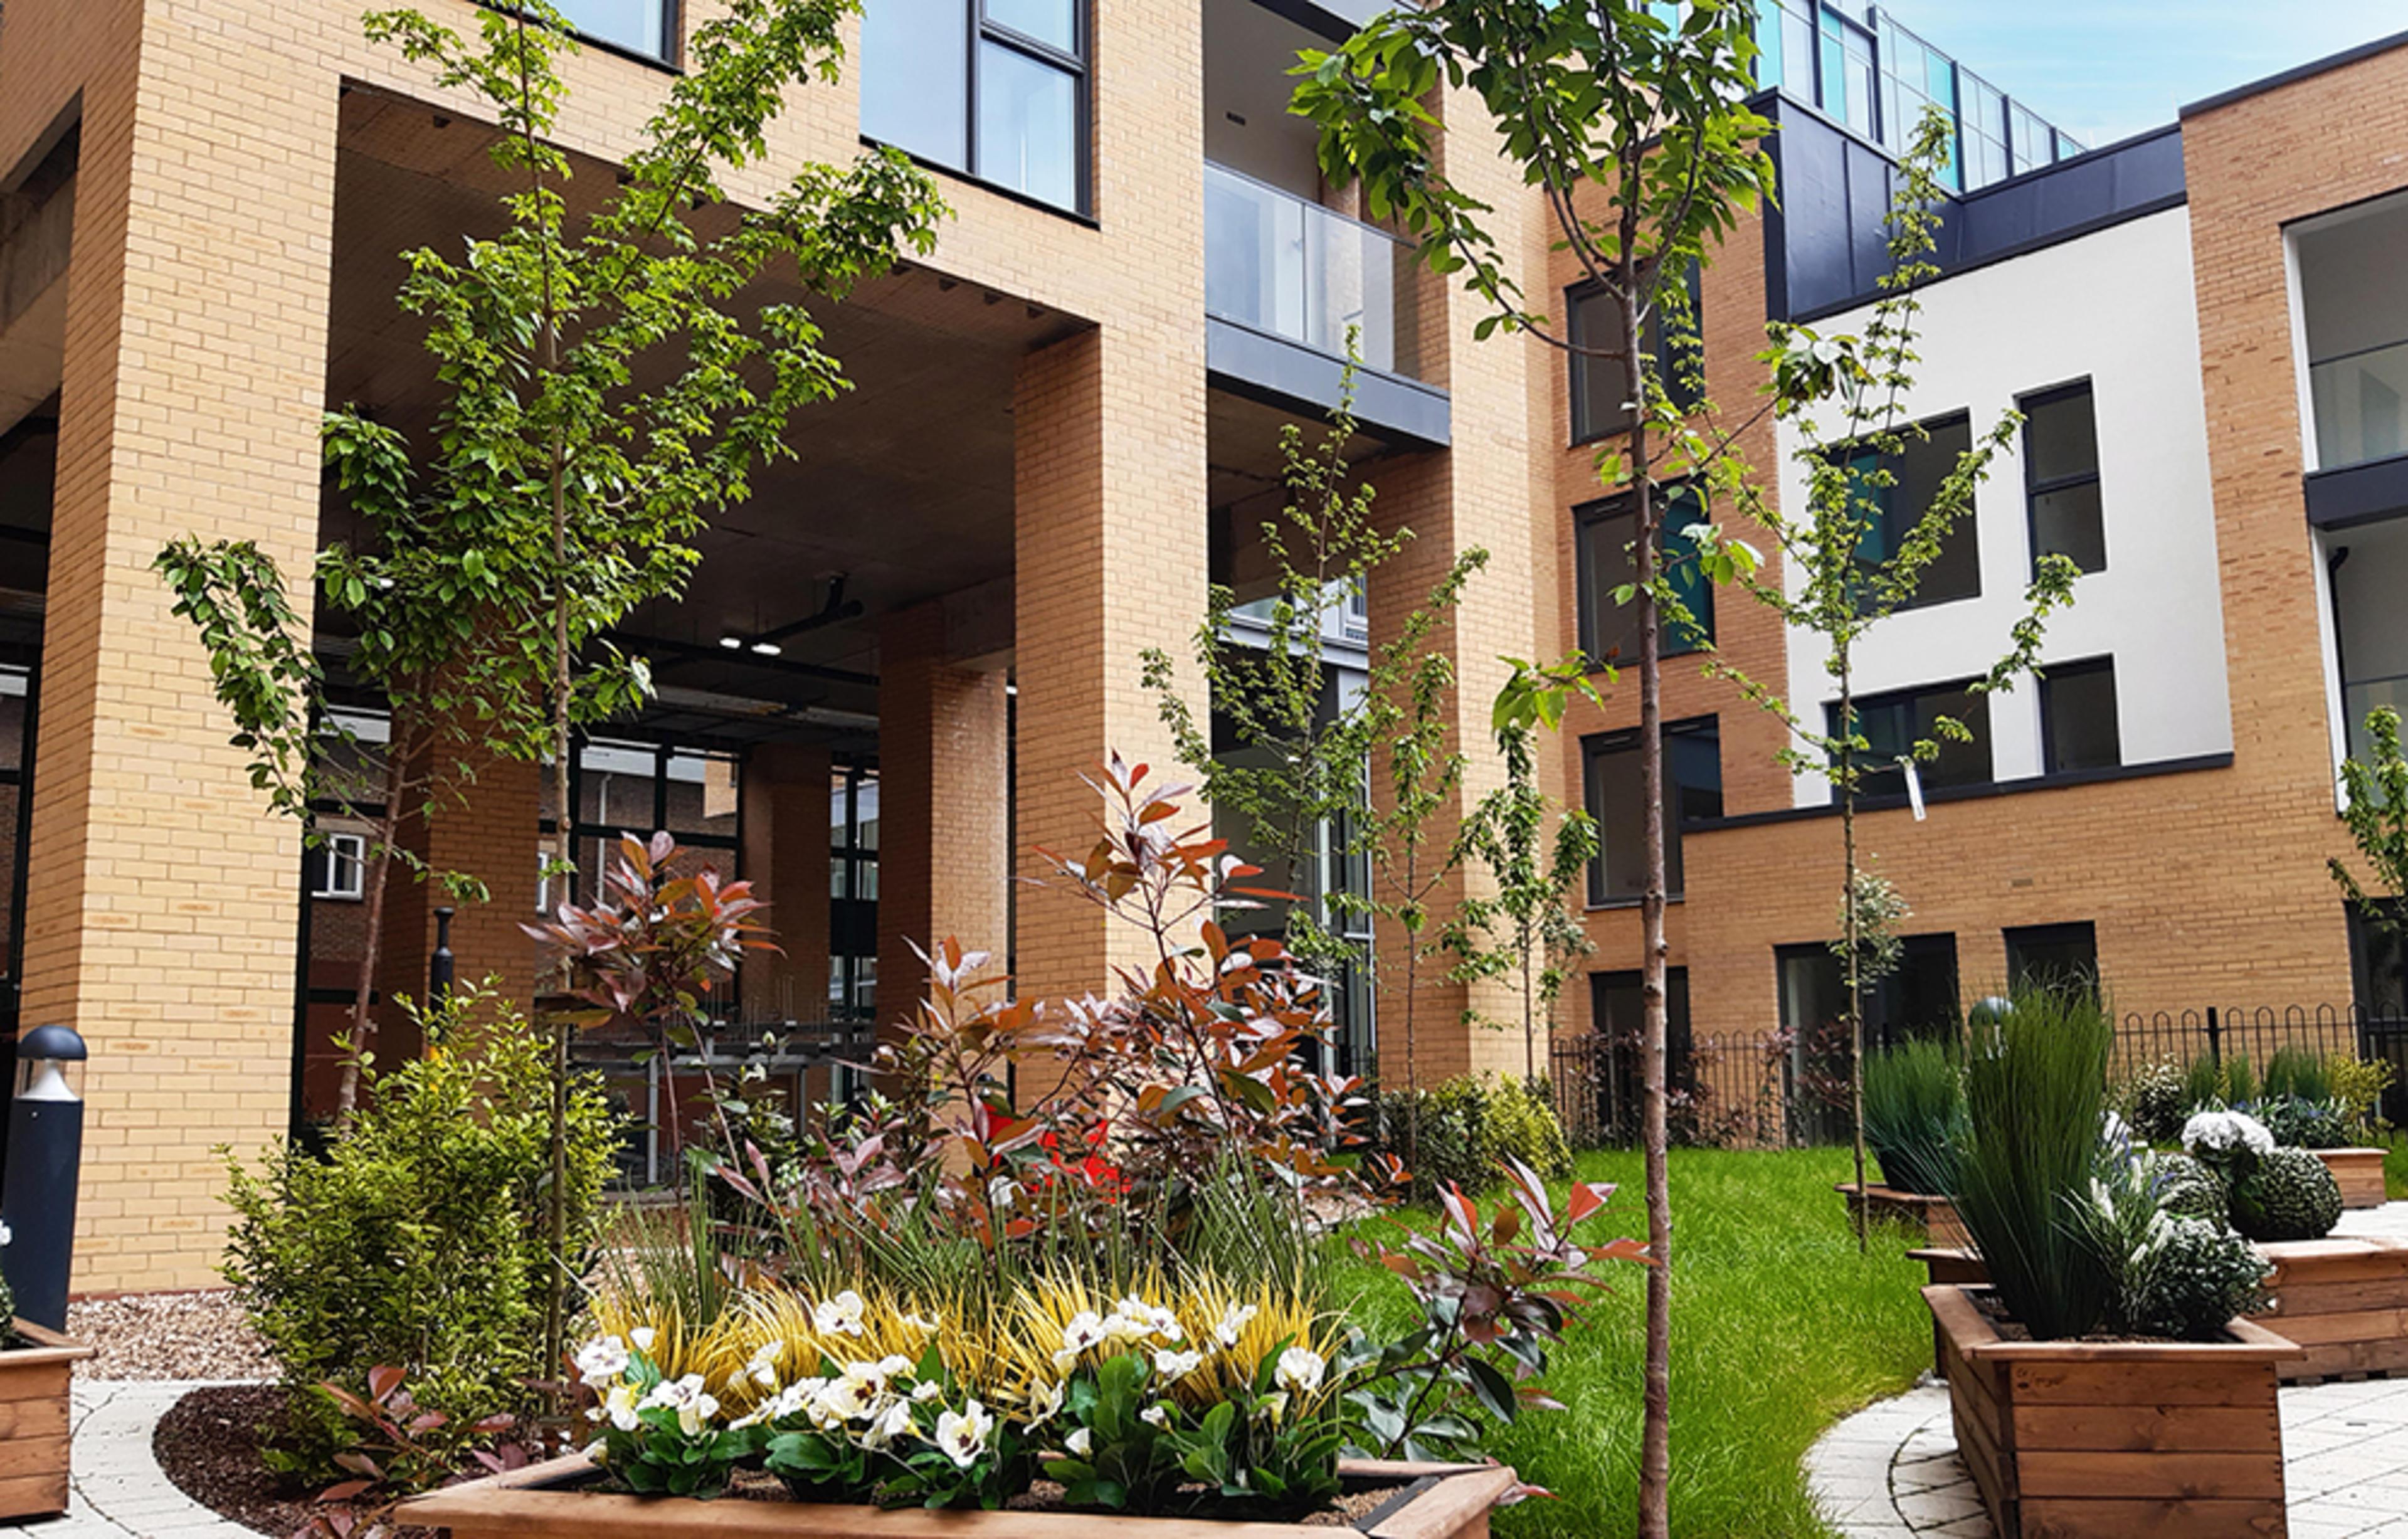 rub1x-development-southall-external-communal-garden-1